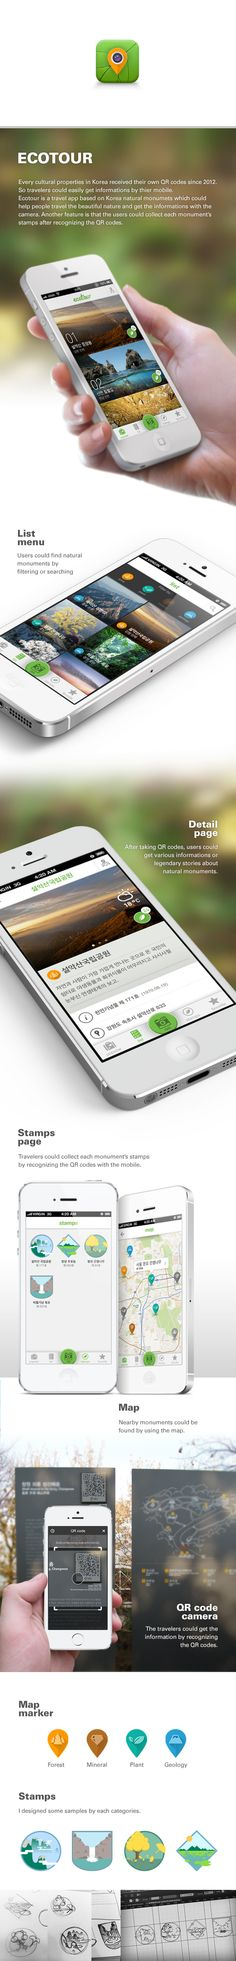 Ecotour app by Yoon J Kim, via Behance